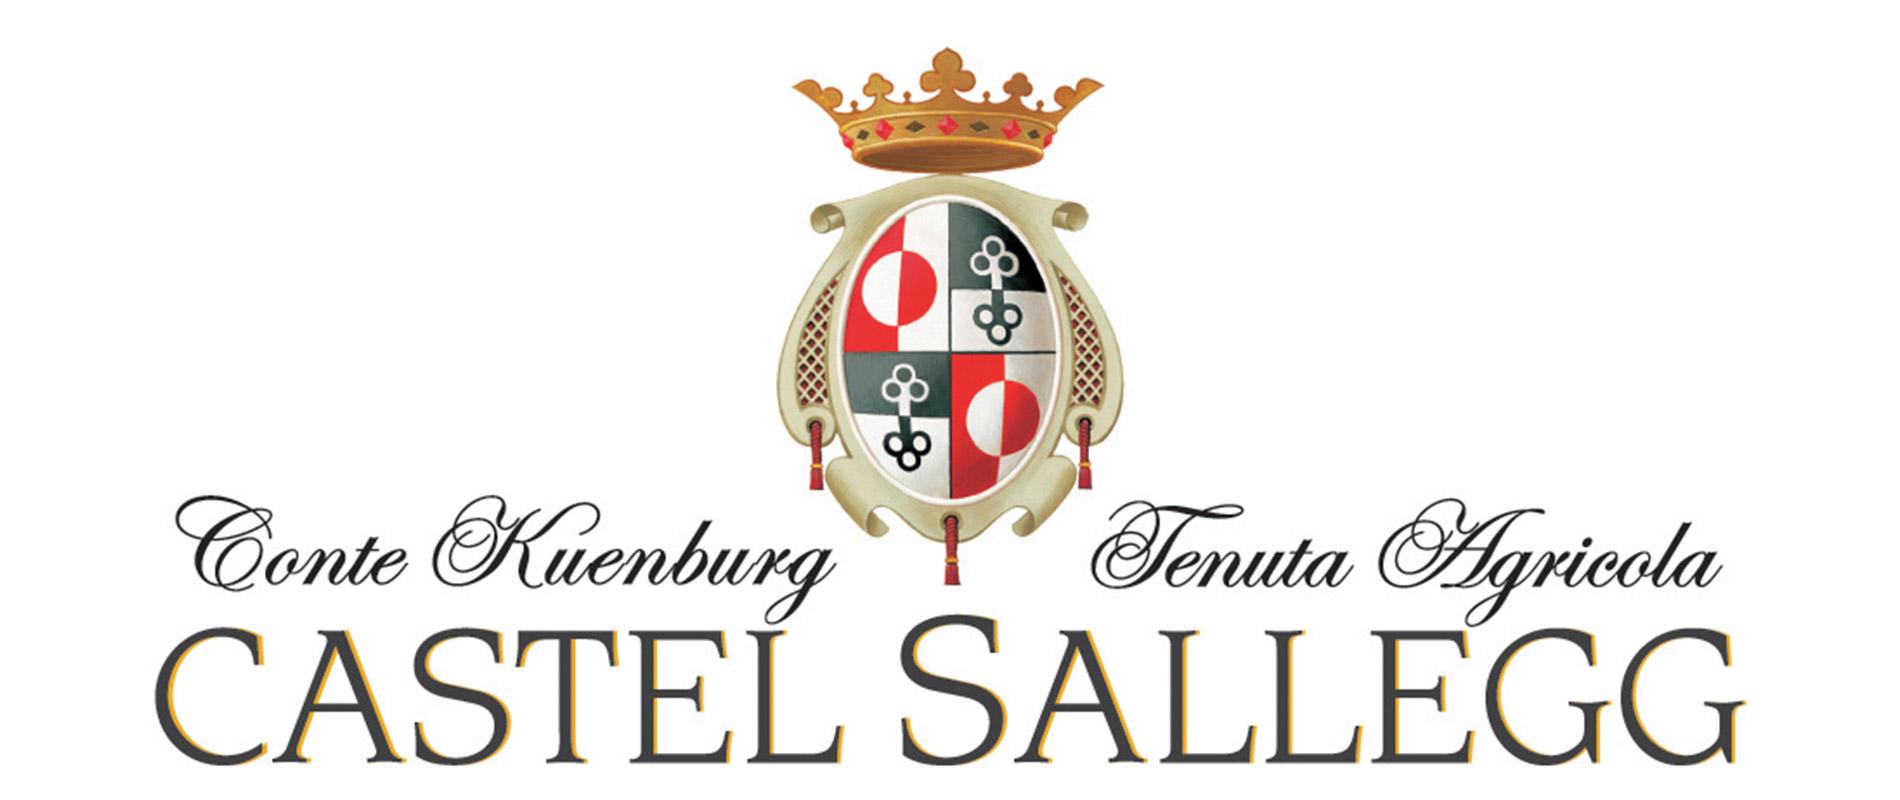 Castel-sallegg